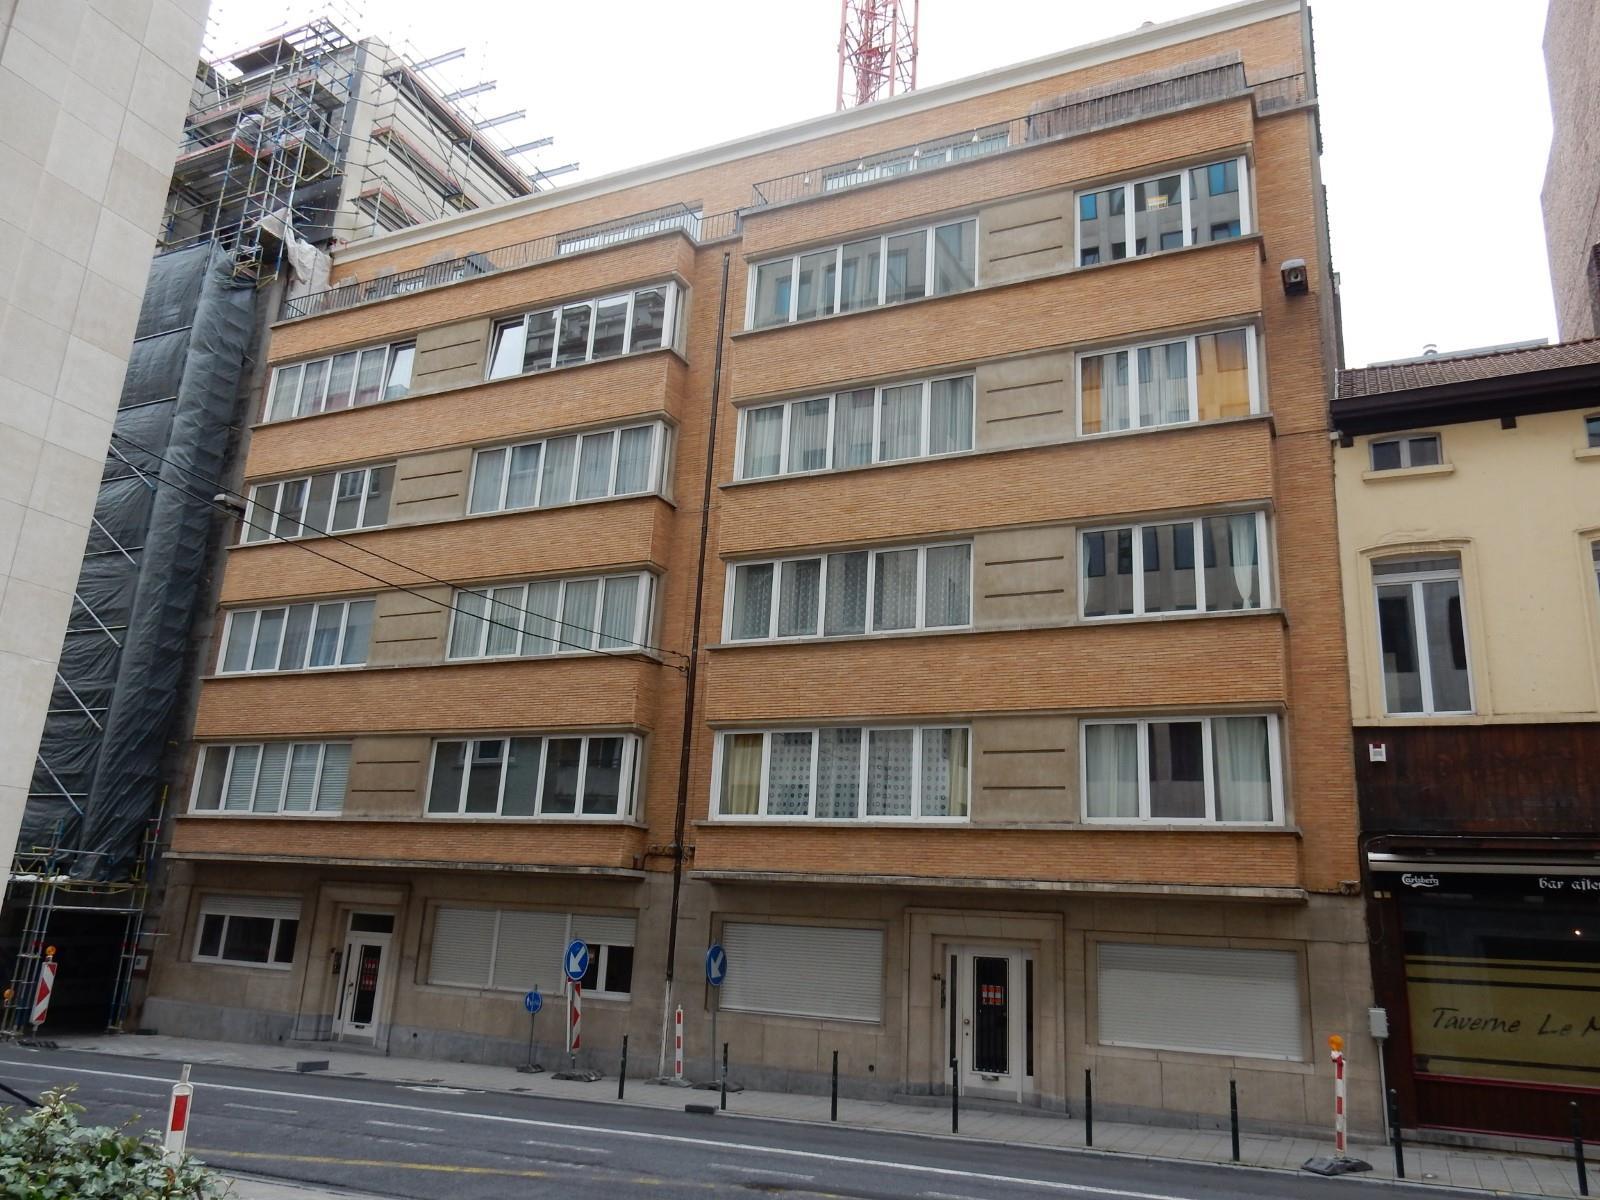 Gelijkvloerse verdieping - Bruxelles - #4137613-0